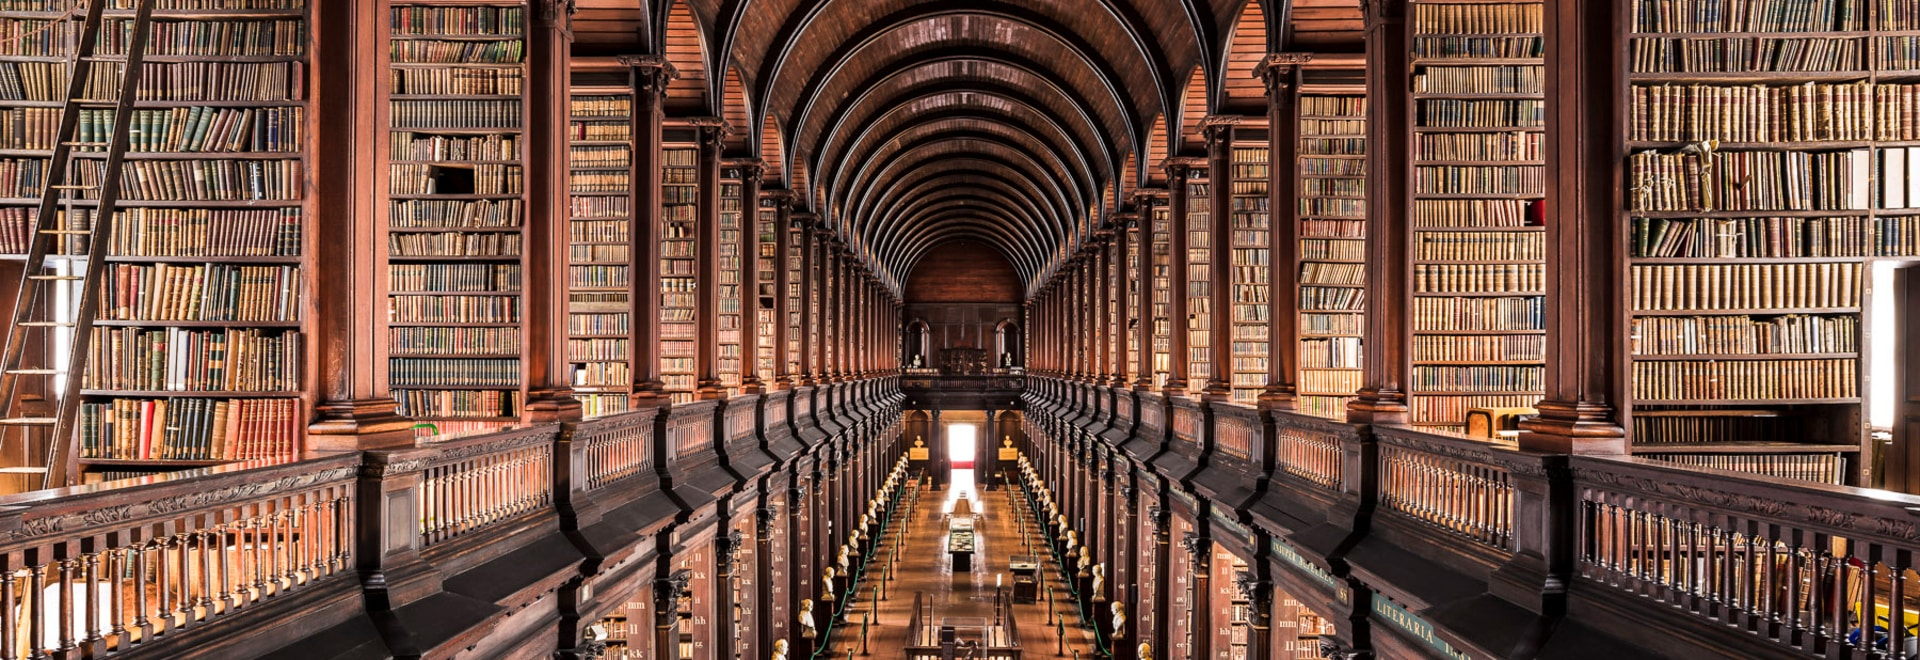 bibliotecas altas: fotografías más poirier del thibaud los asilos arquitectónicos más finos de la literatura